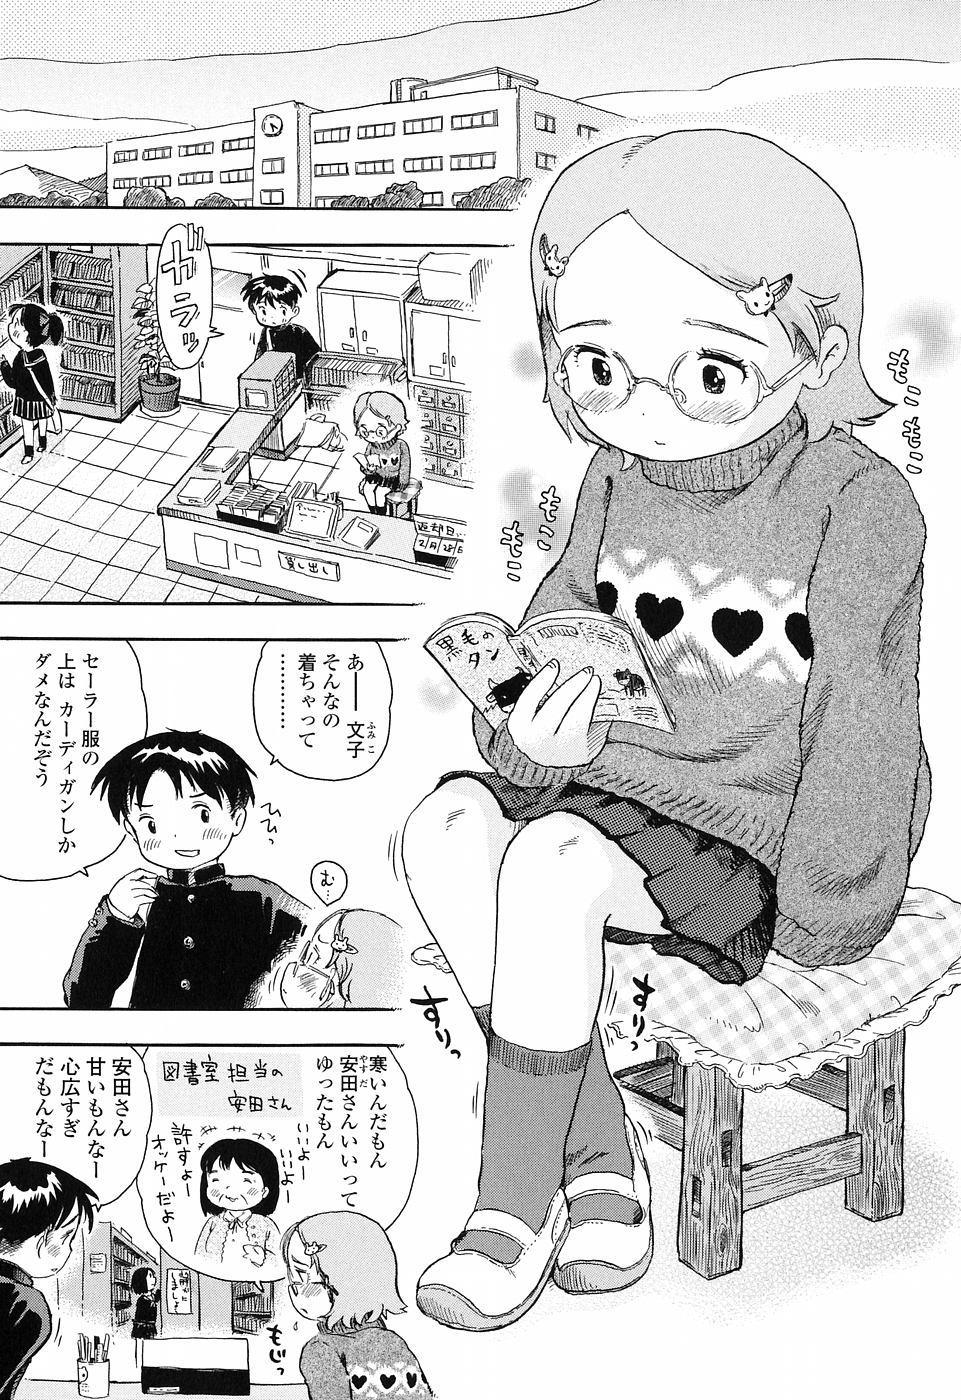 Koisuru Fukurami 124